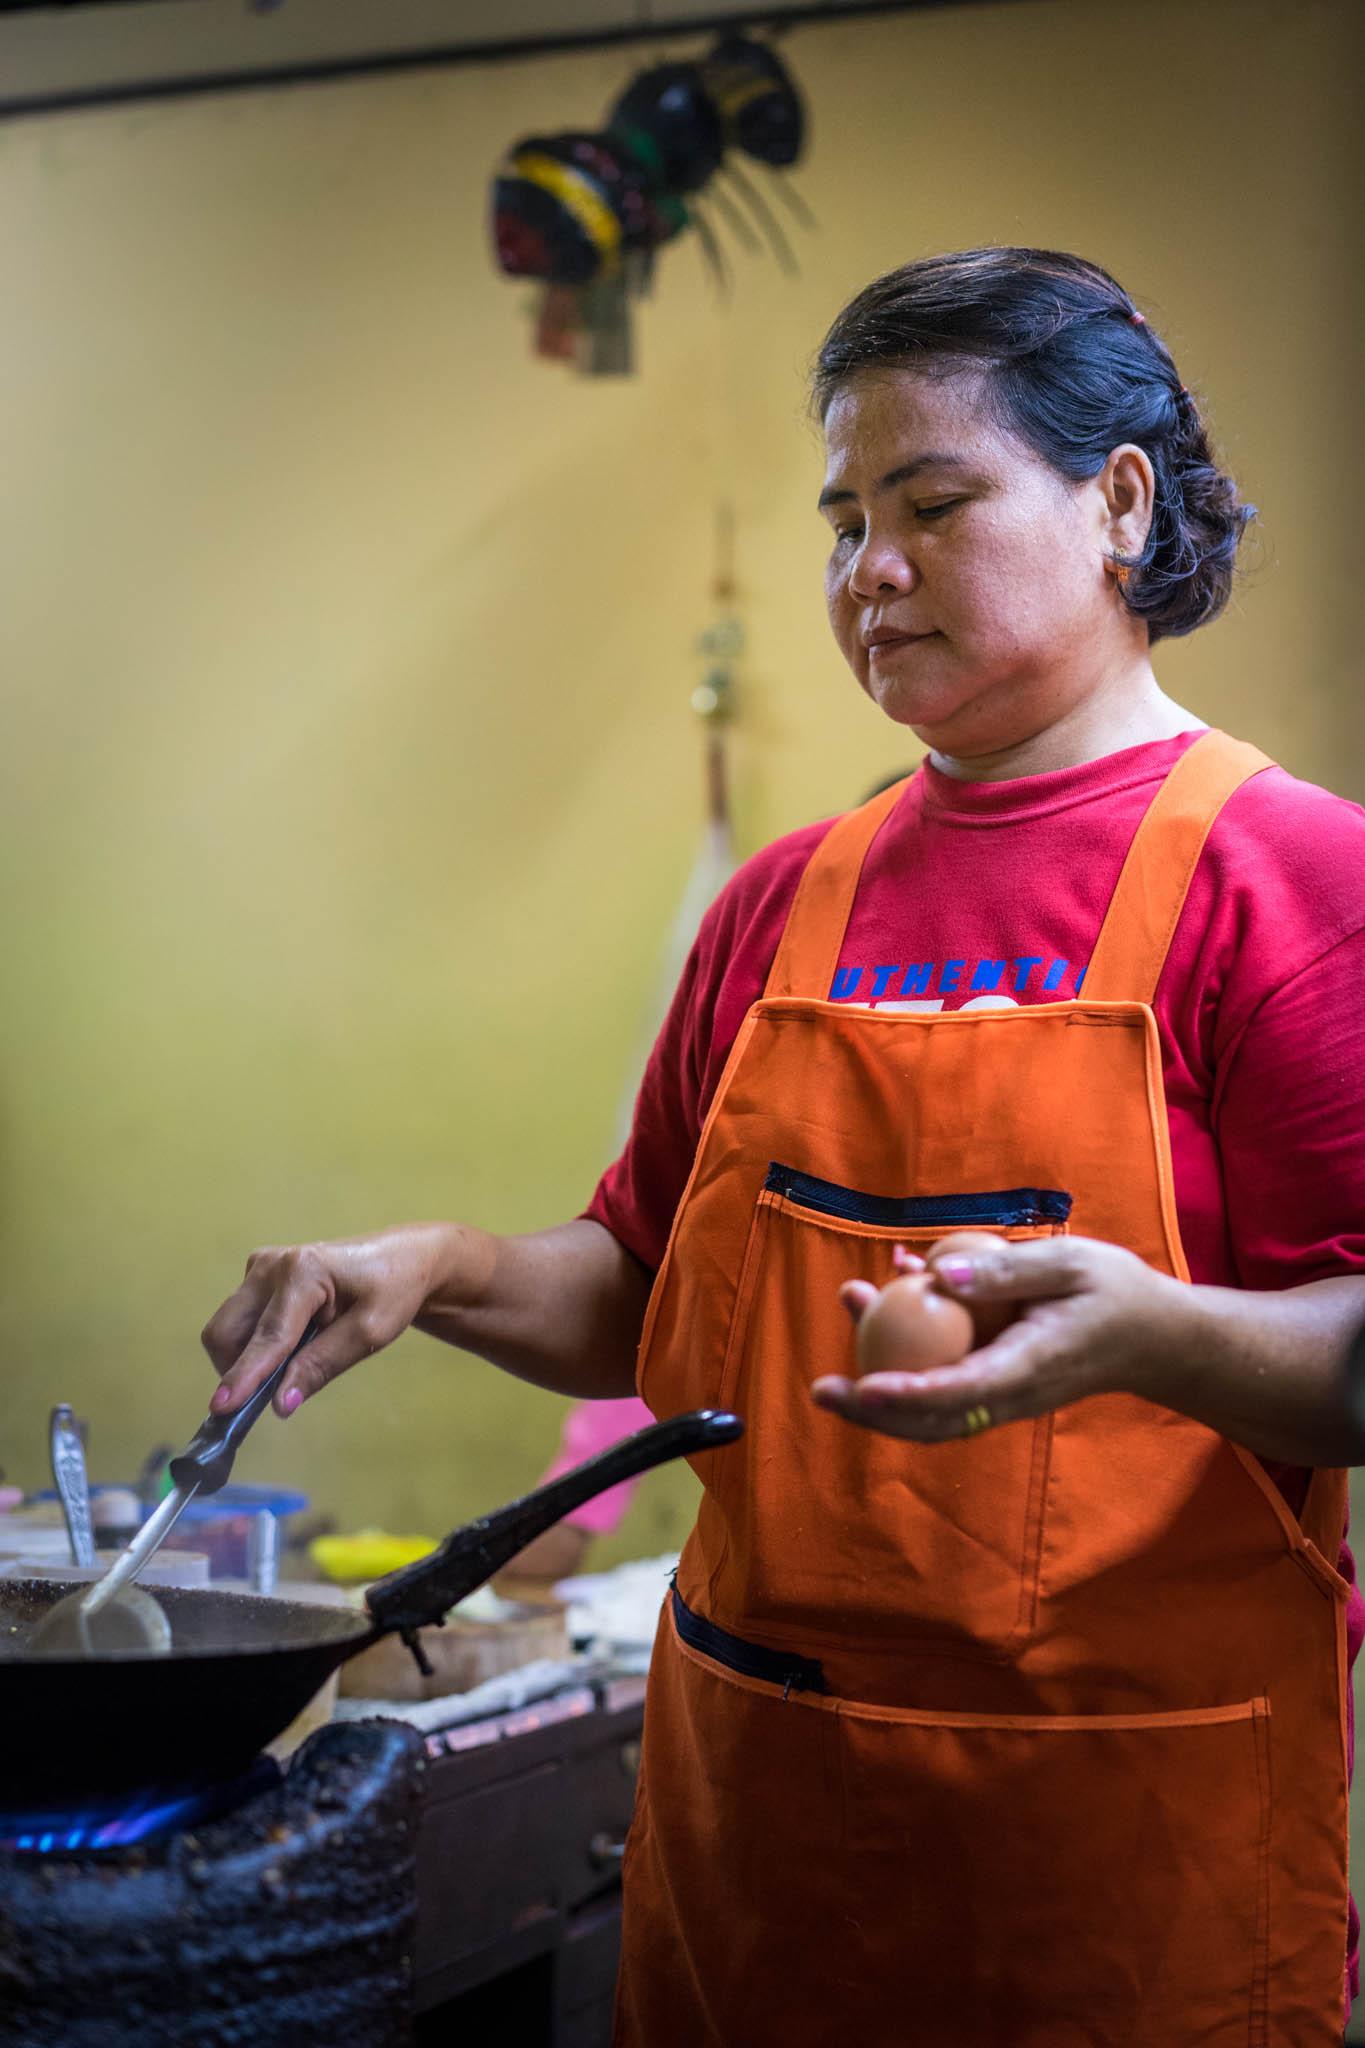 Cuisinière bangkok